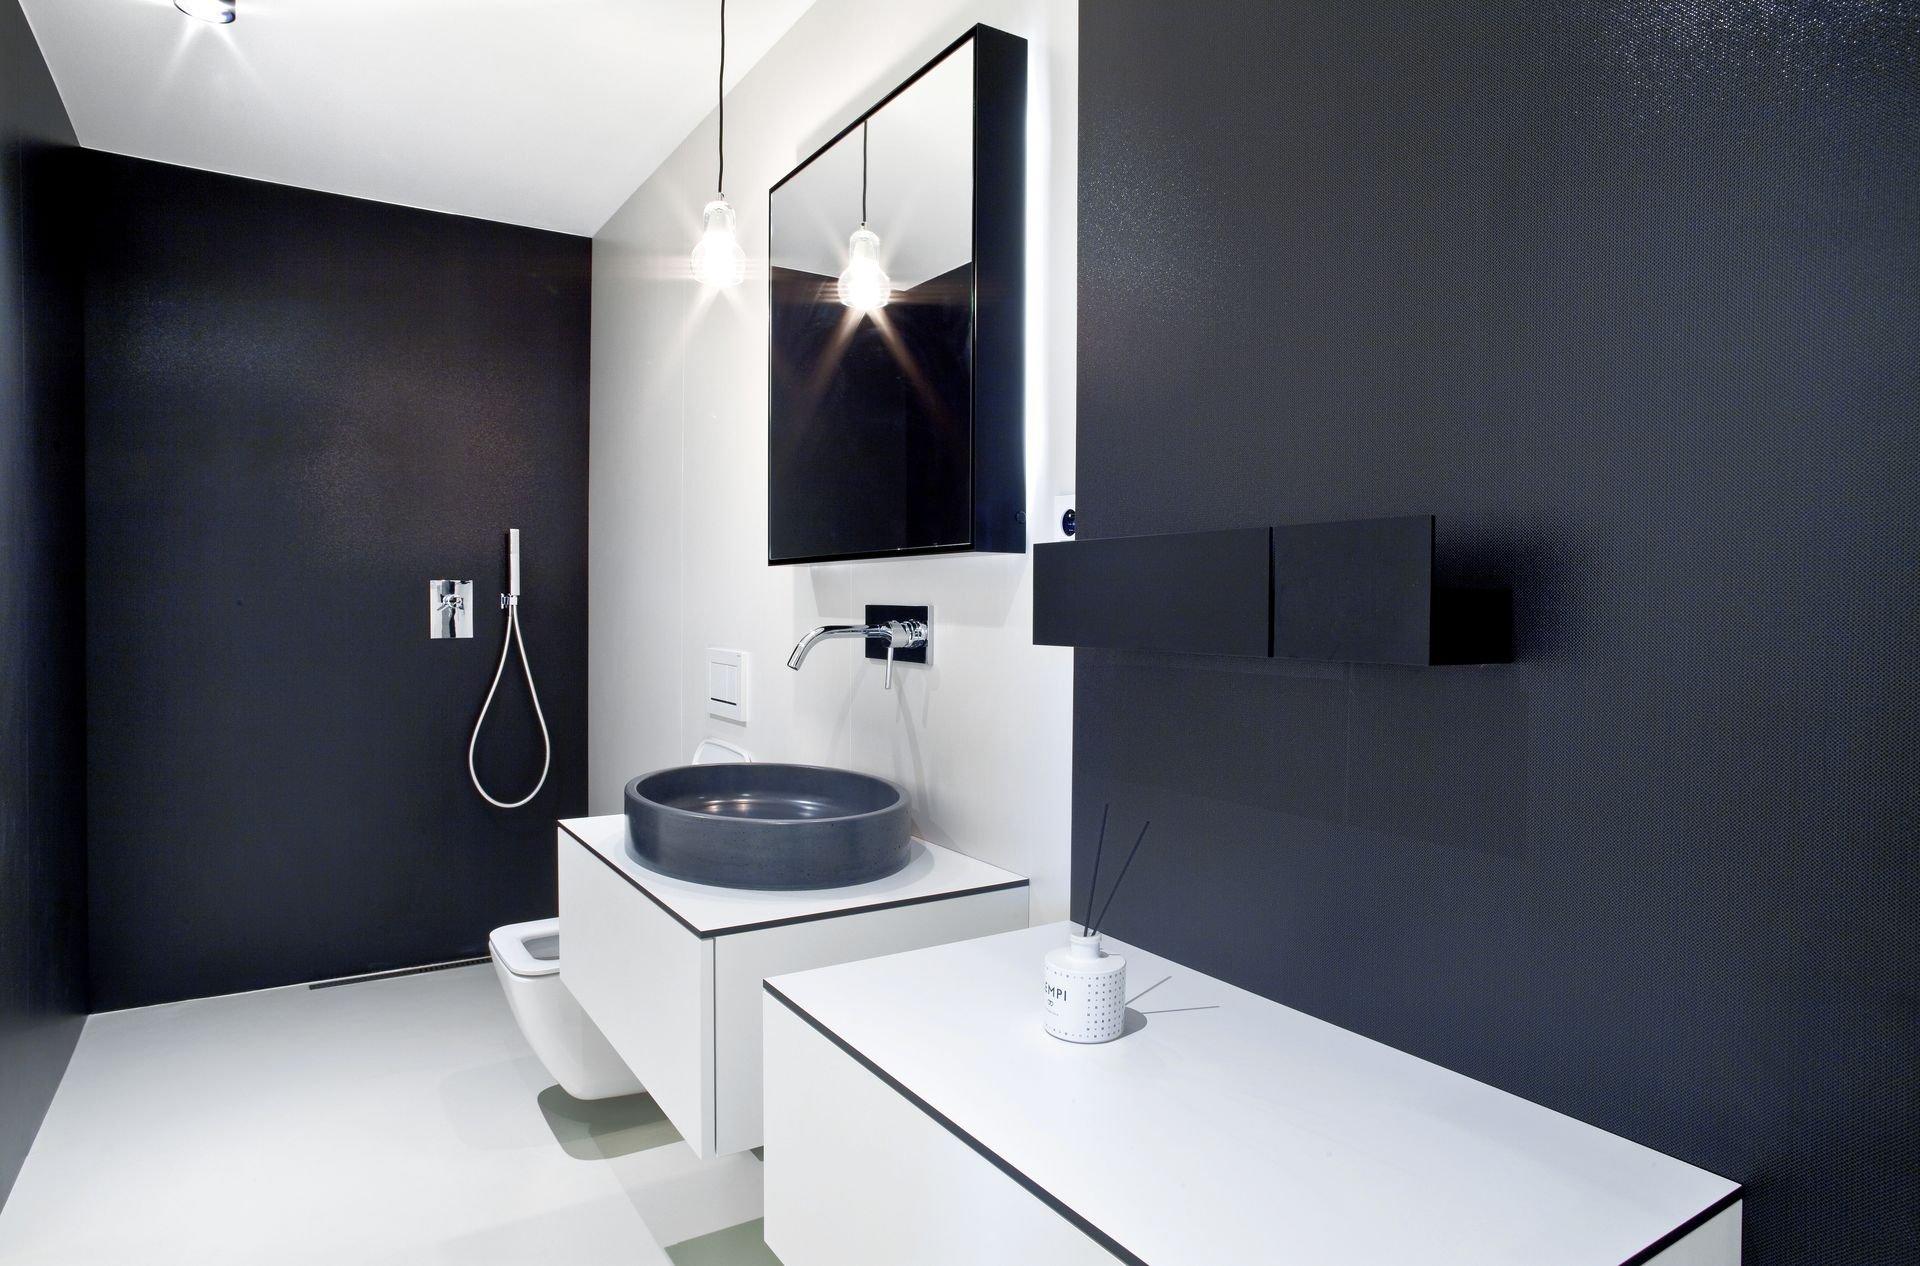 Koupelna, Studio nolimits, Brno